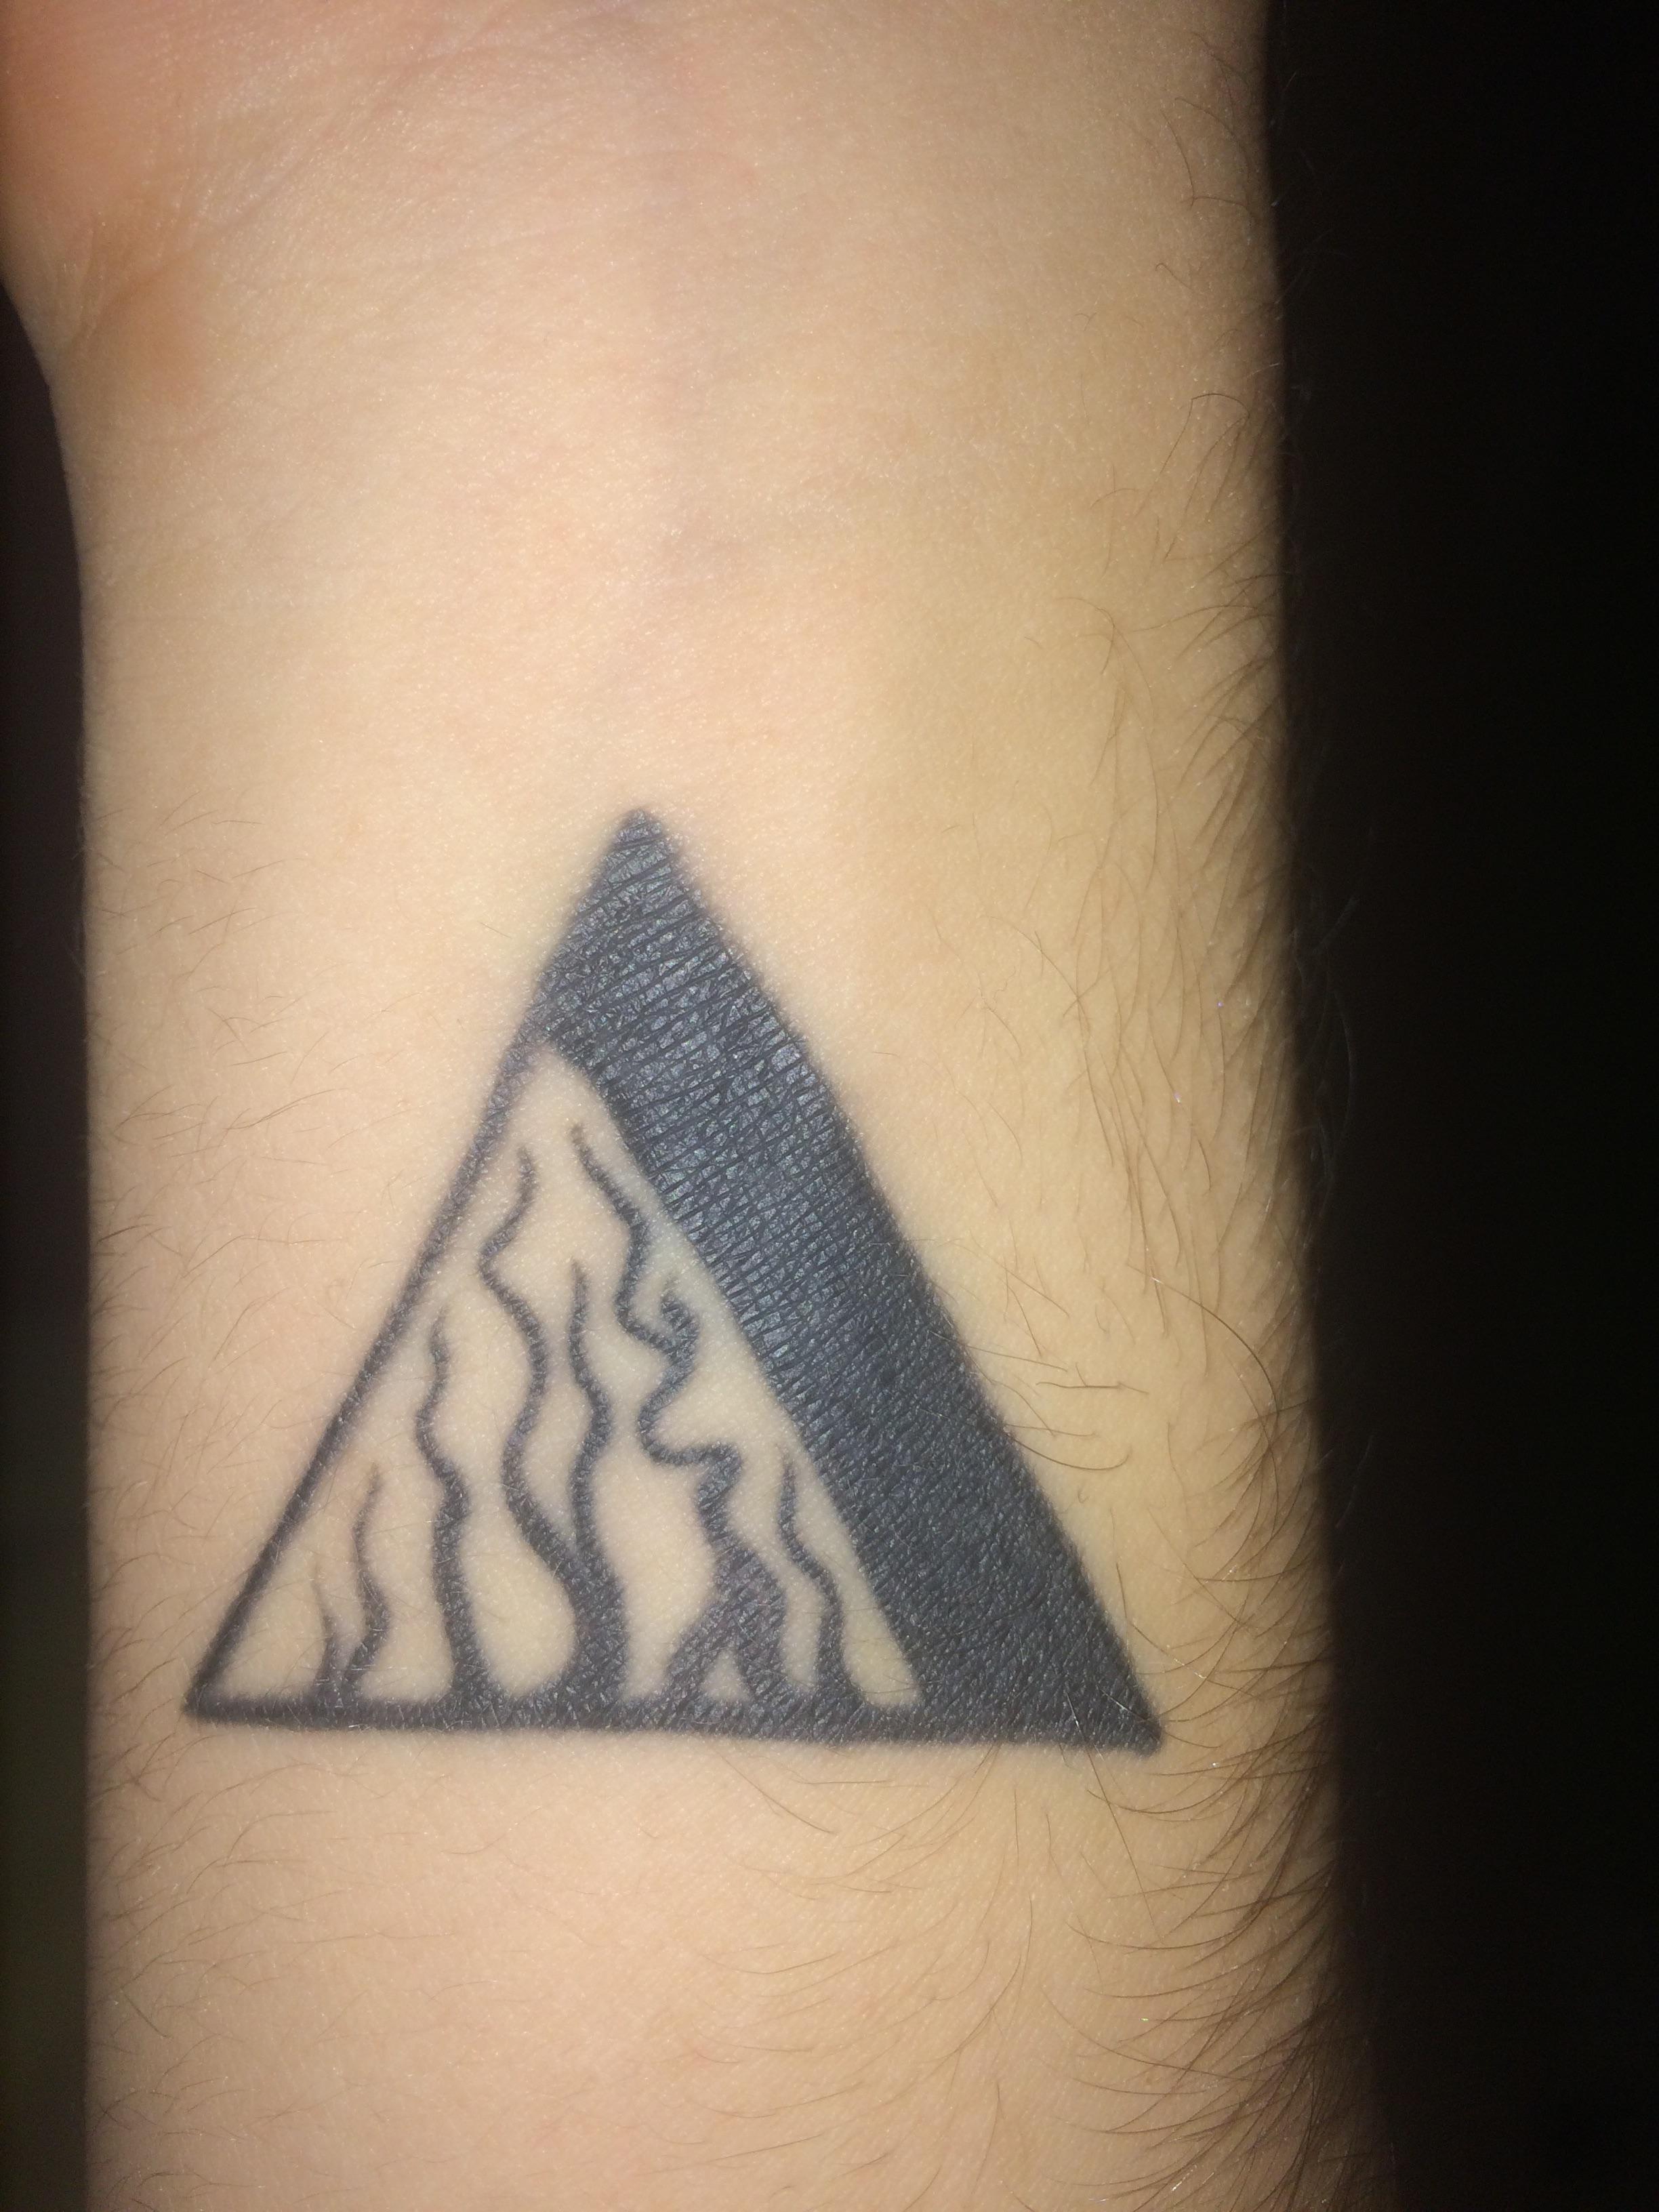 J Tattoo Ideas : tattoo, ideas, Tattoo, Could, Have.